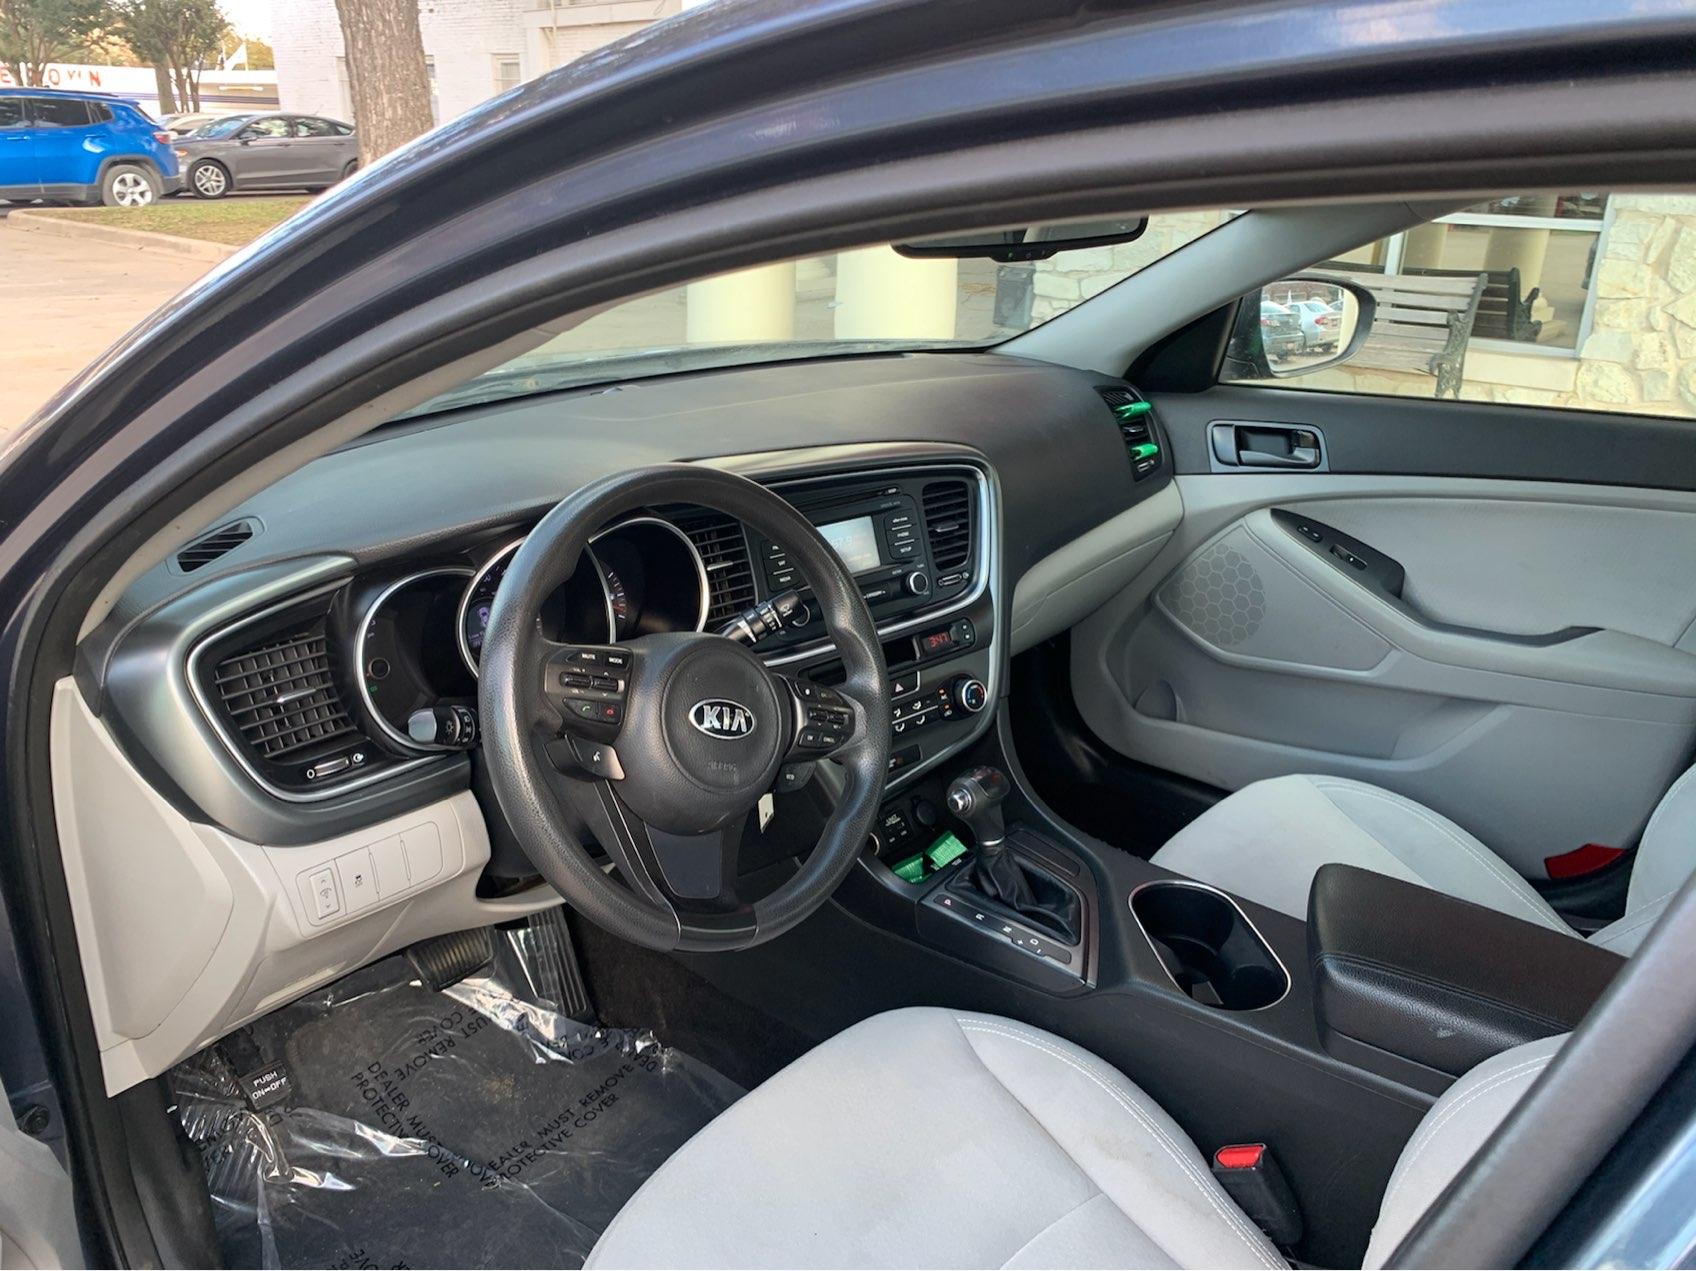 used vehicle - Sedan KIA OPTIMA 2015